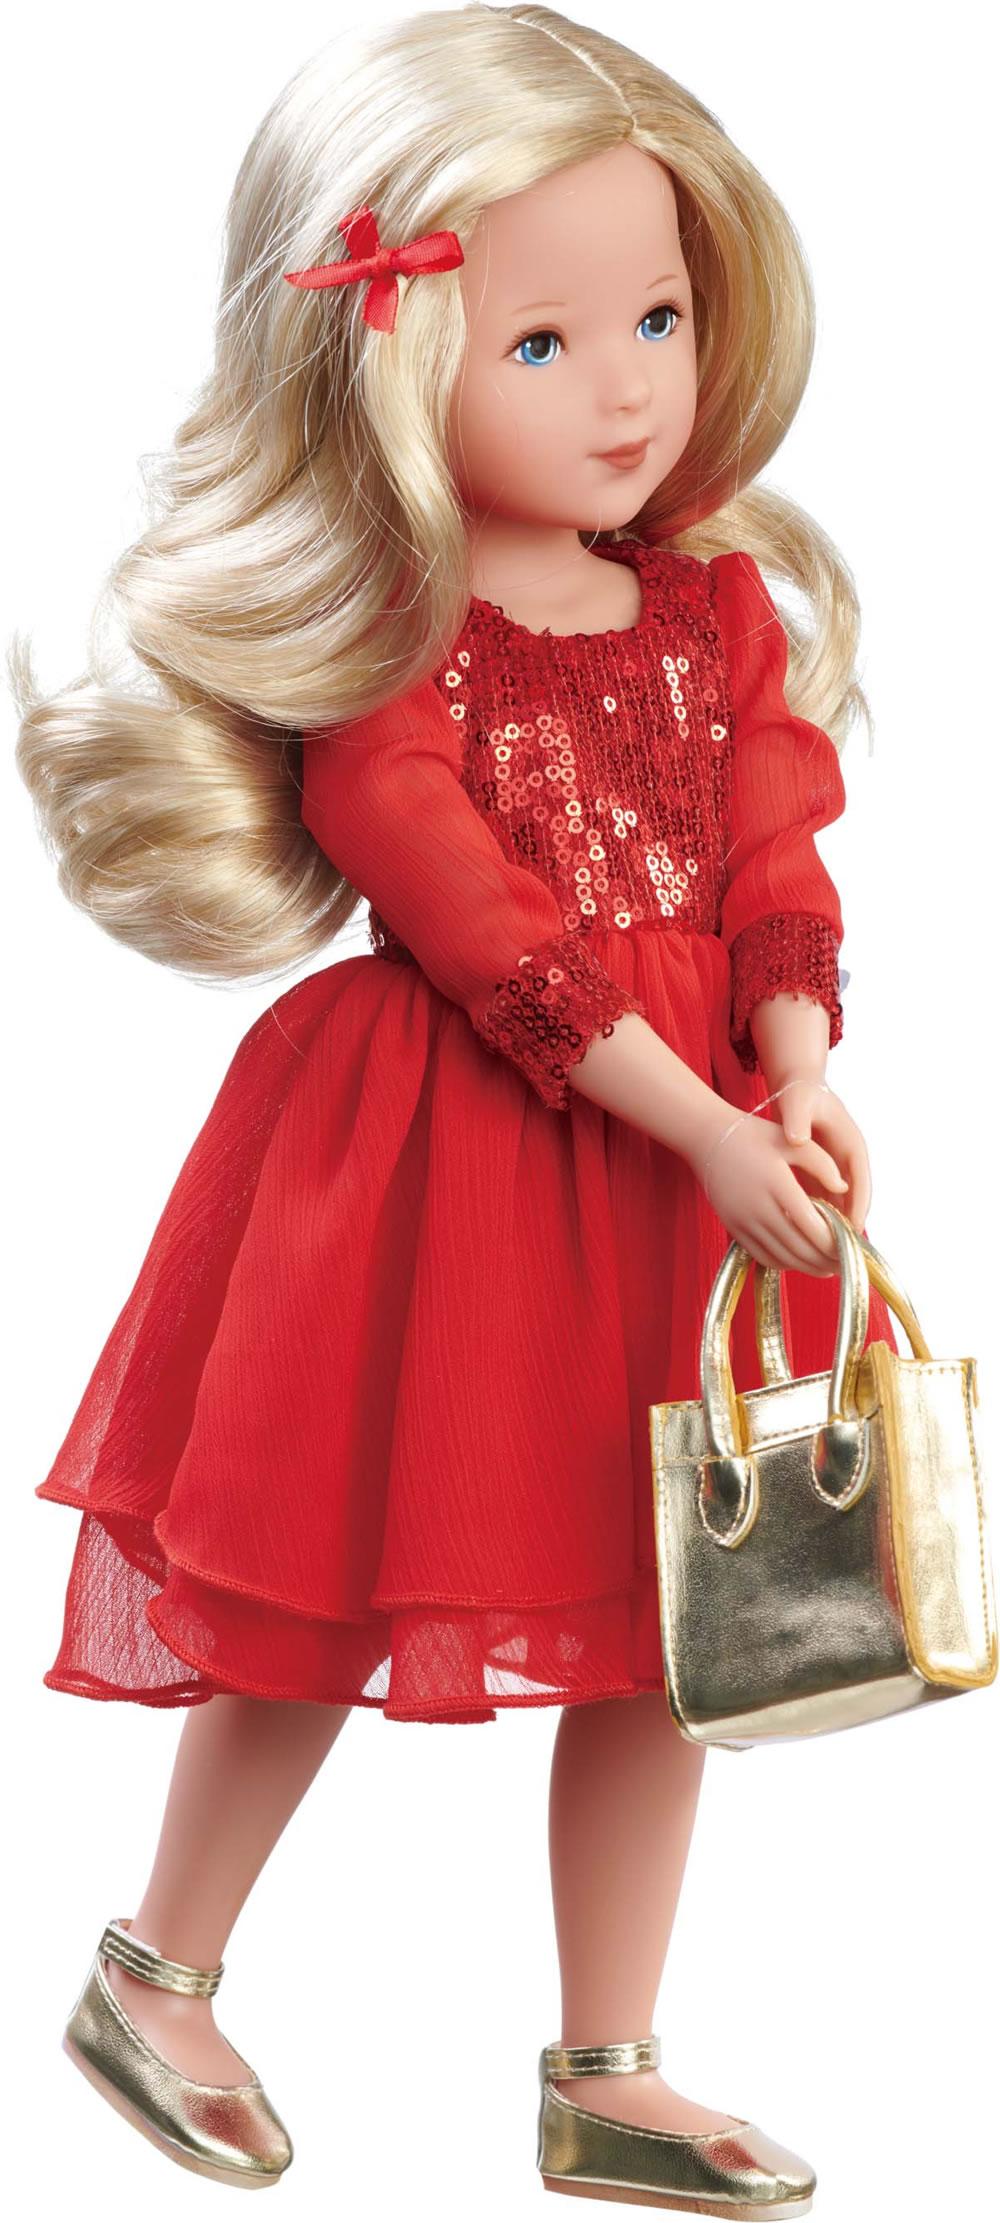 Käthe Kruse Puppe La Bella Crystal 0141817 bei Papiton